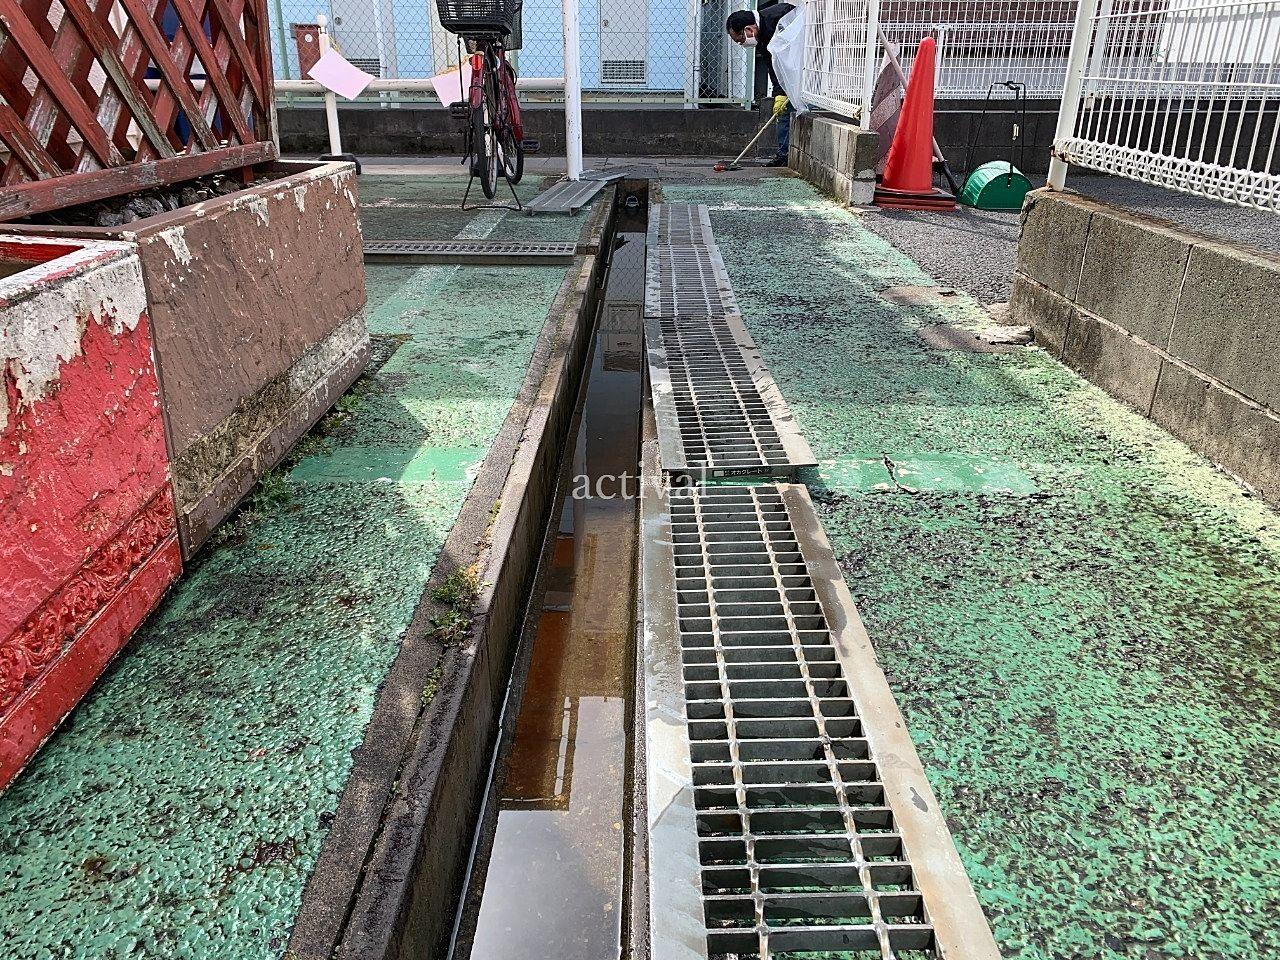 ア・ス・ヴェルデⅡにある排水溝掃除をしました。